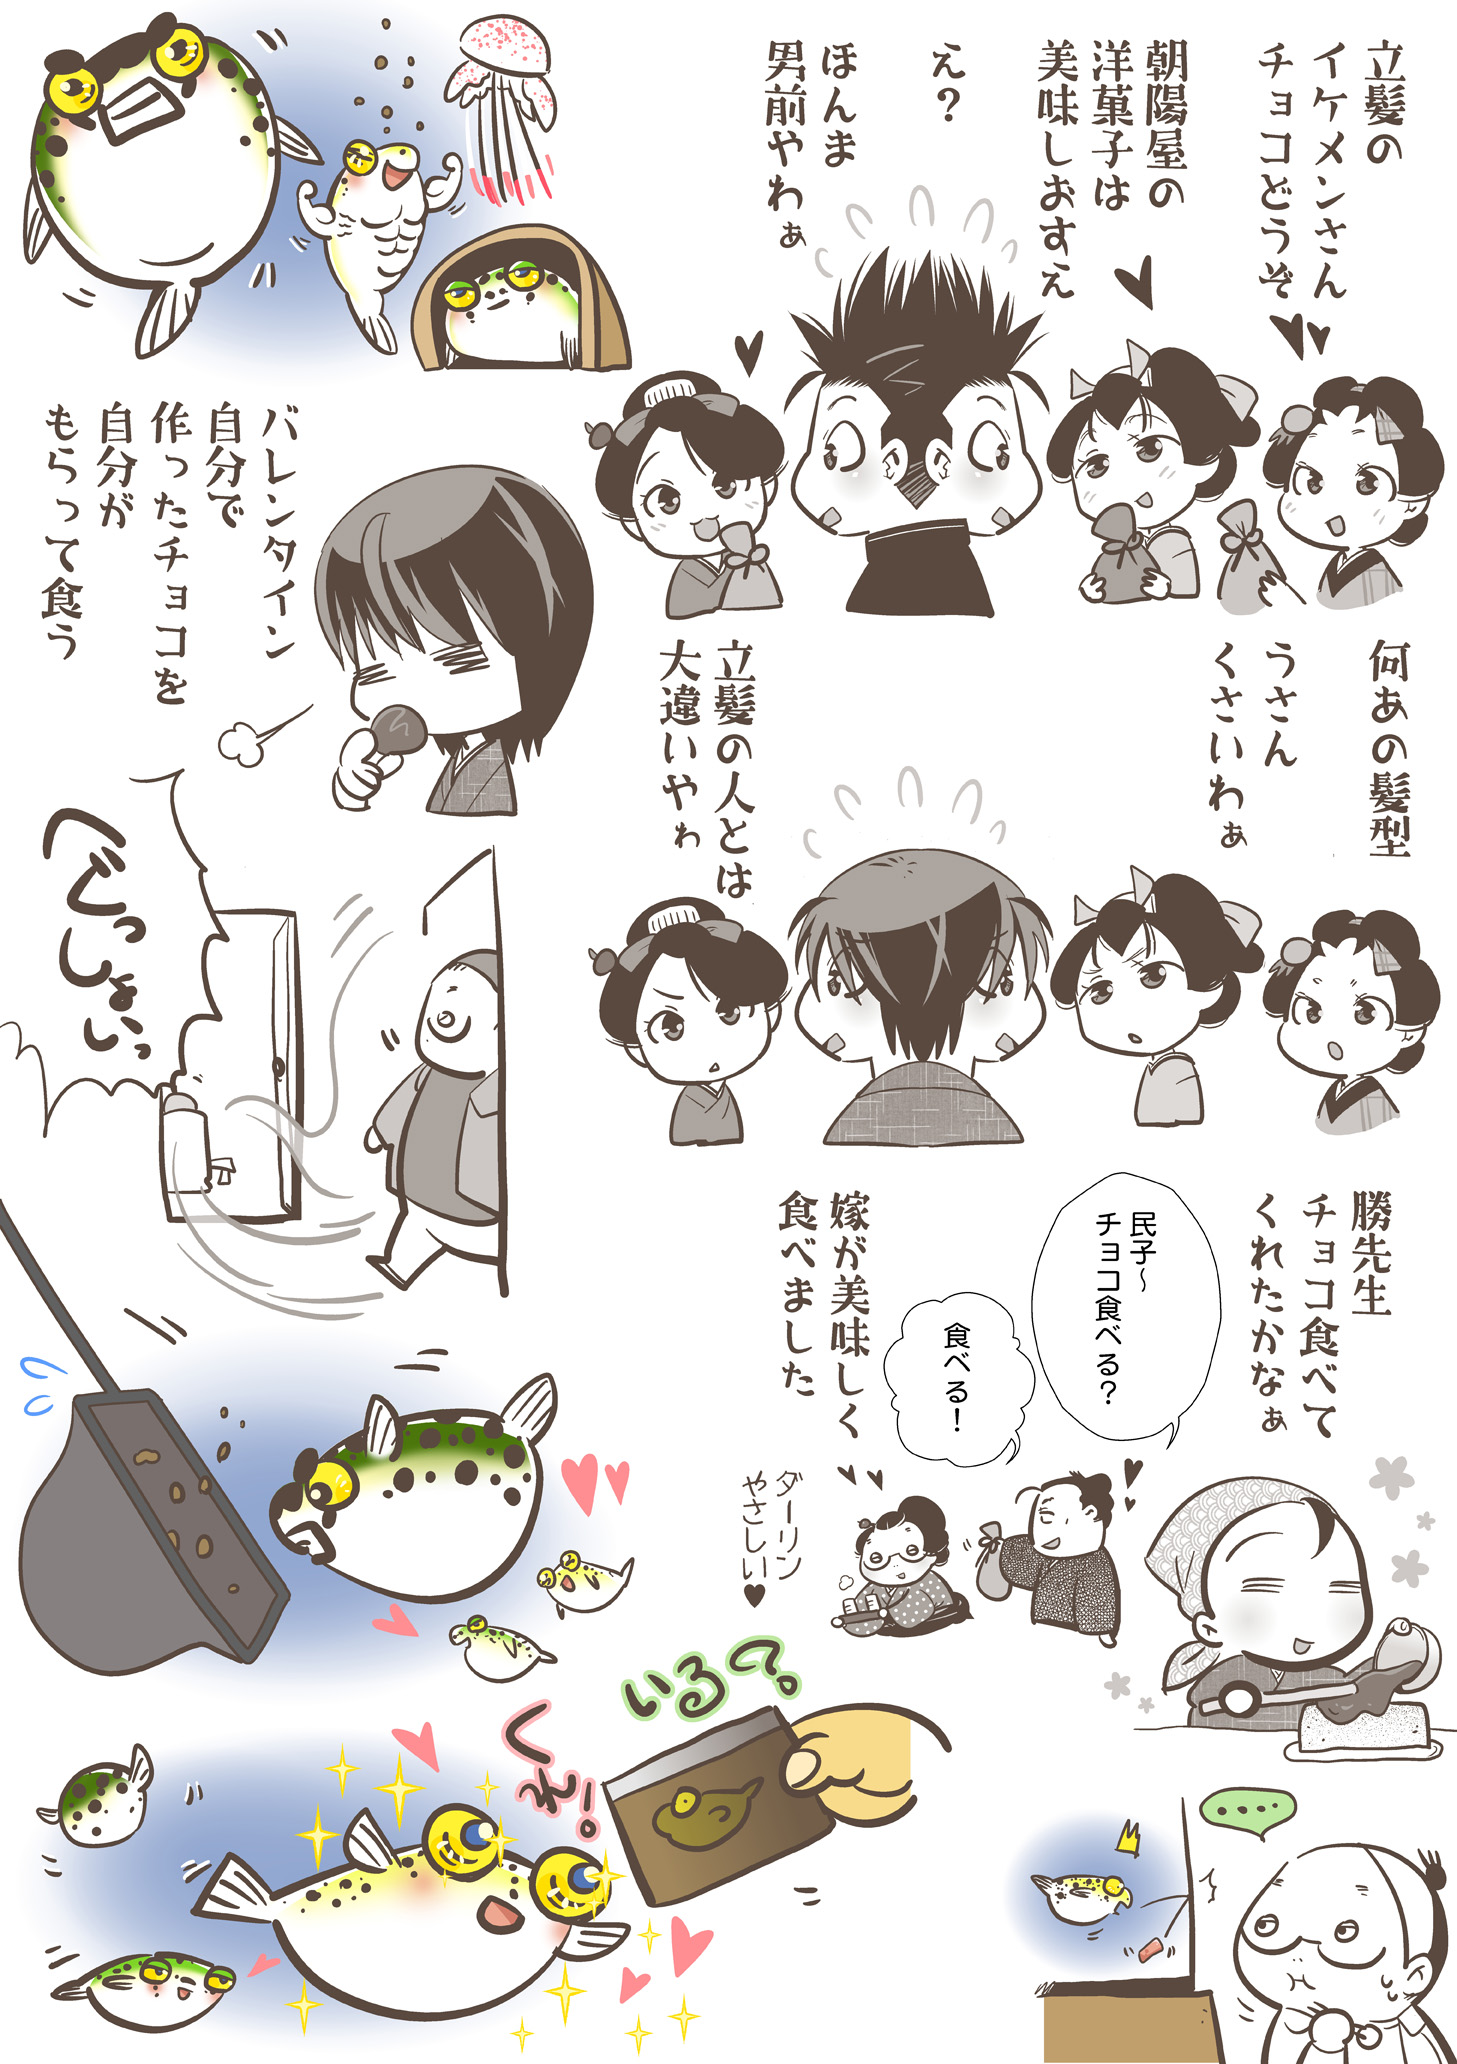 落書き イラスト byたみ.jpg